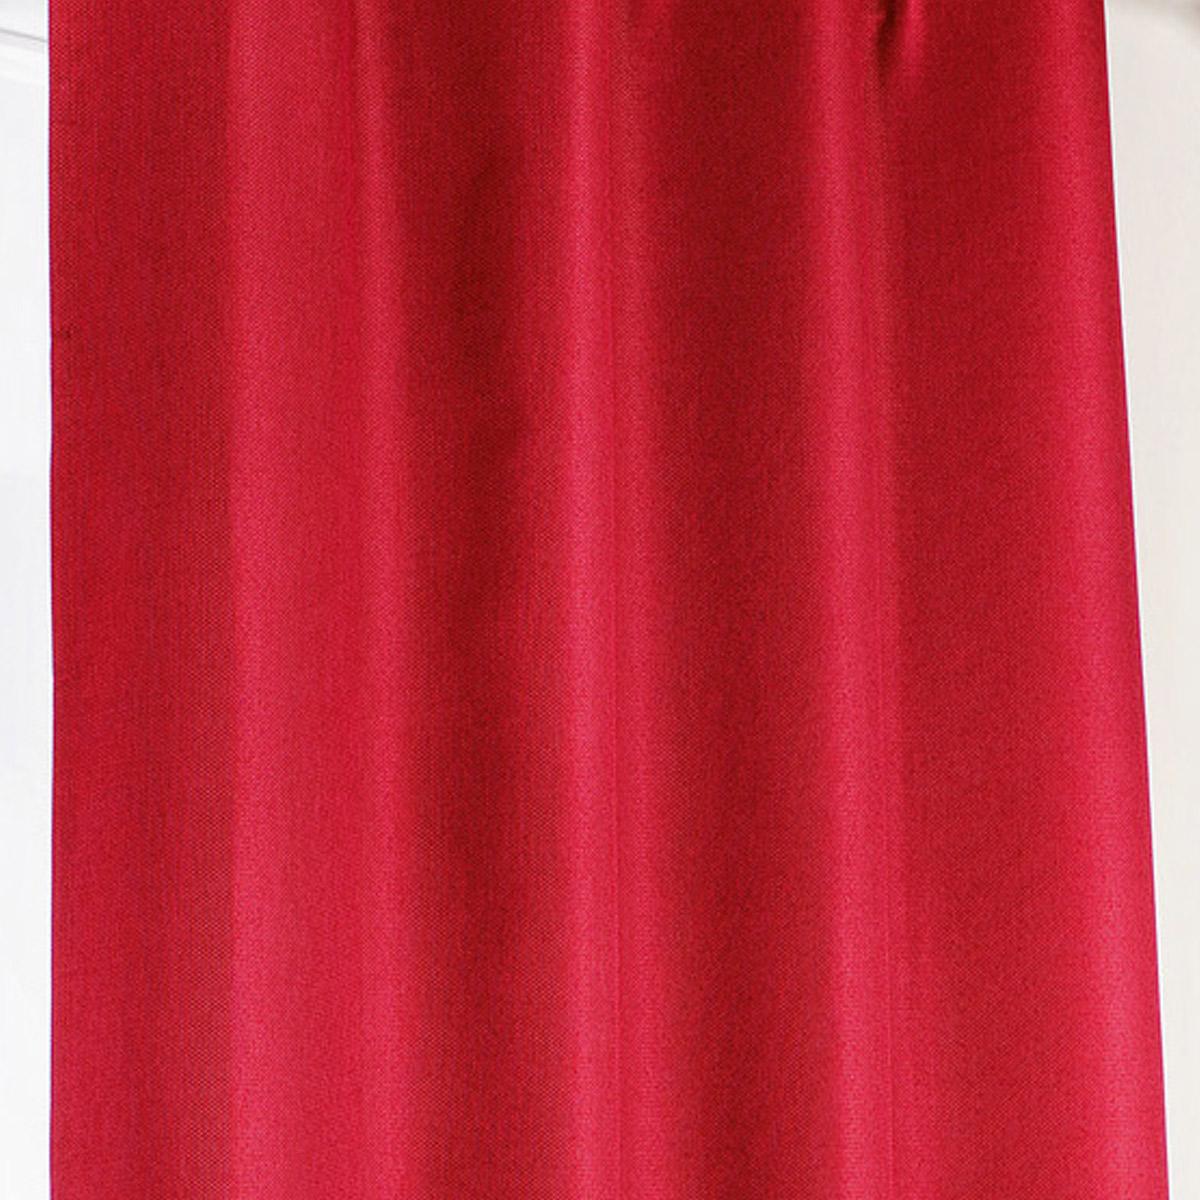 Rideau occultant à galon fronceur - Rouge - 140 x 240 cm